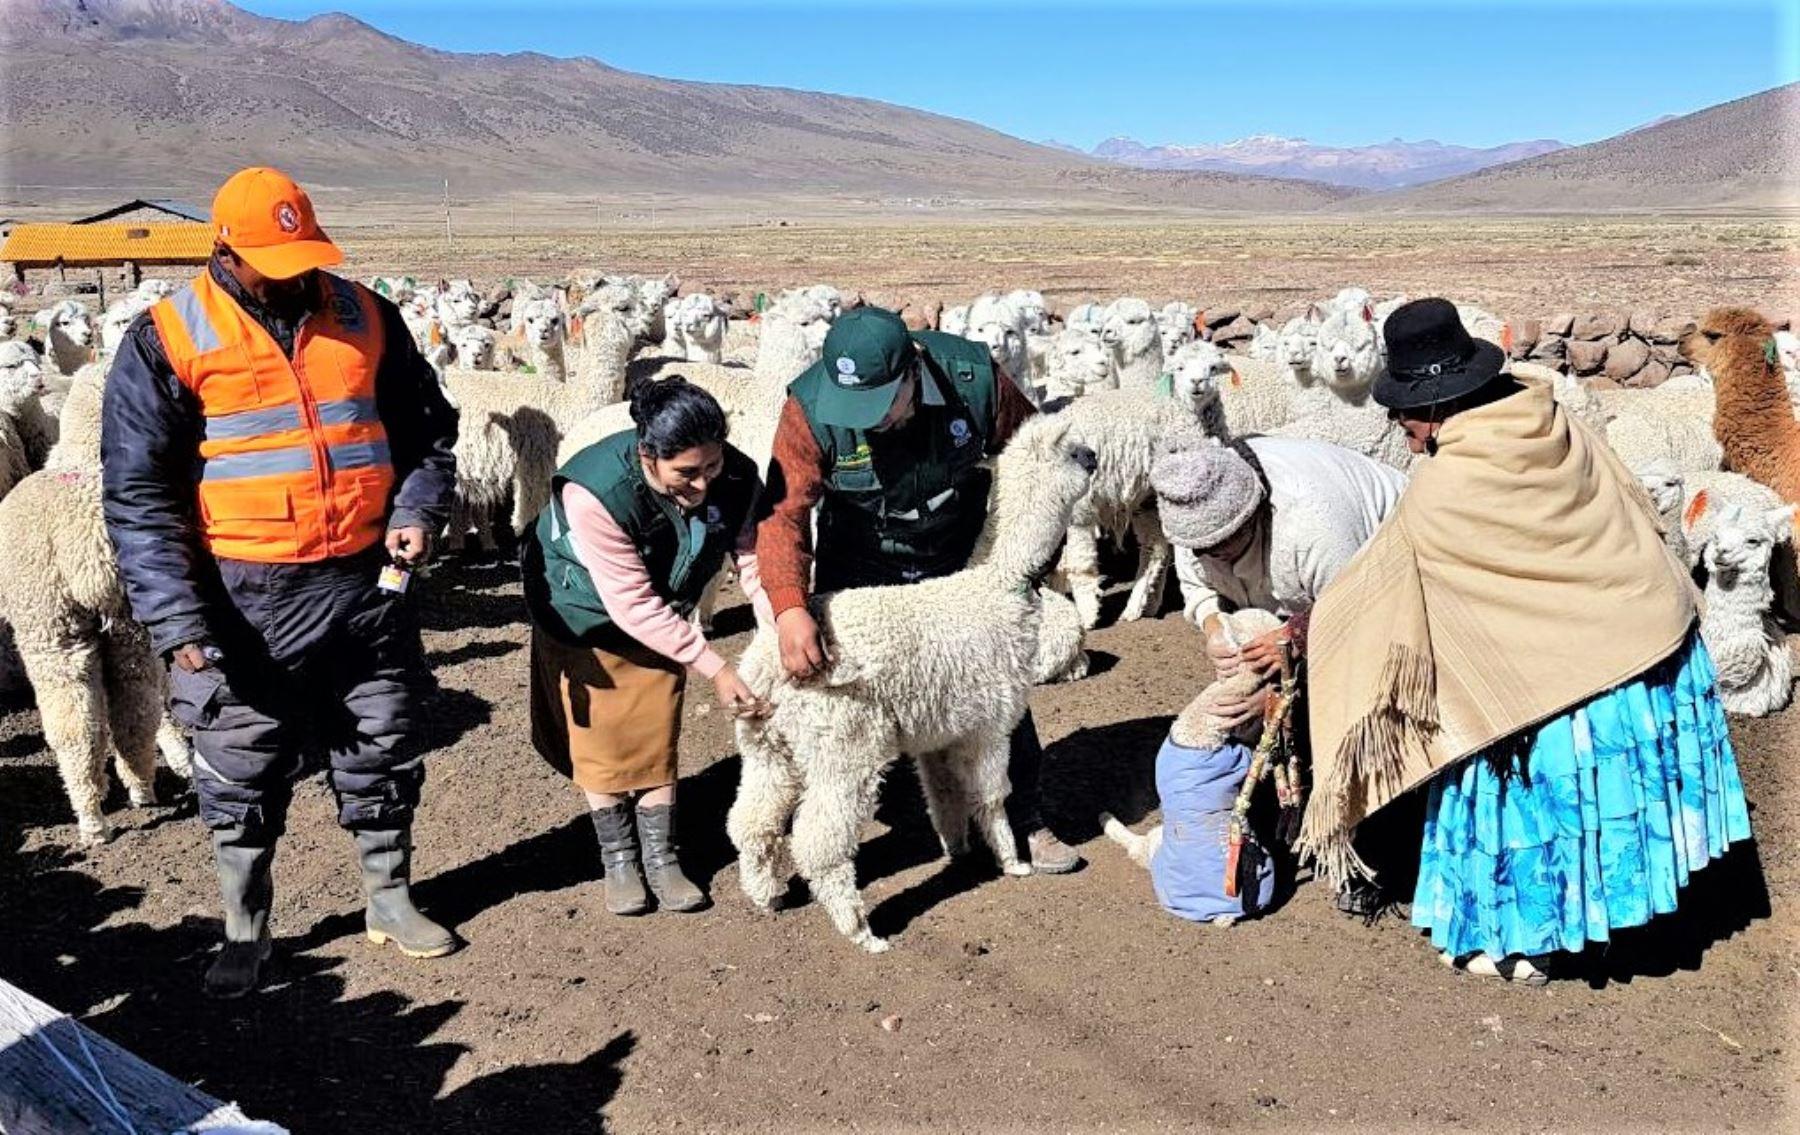 Con apoyo del Servicio Nacional de Sanidad Agraria (Senasa) y en presencia de autoridades locales, se vienen aplicando dosis de antiparasitarios y antibióticos a 3,000 cabezas de ganado en ocho sectores del distrito Capaso, a más de 4,400 metros de altura.